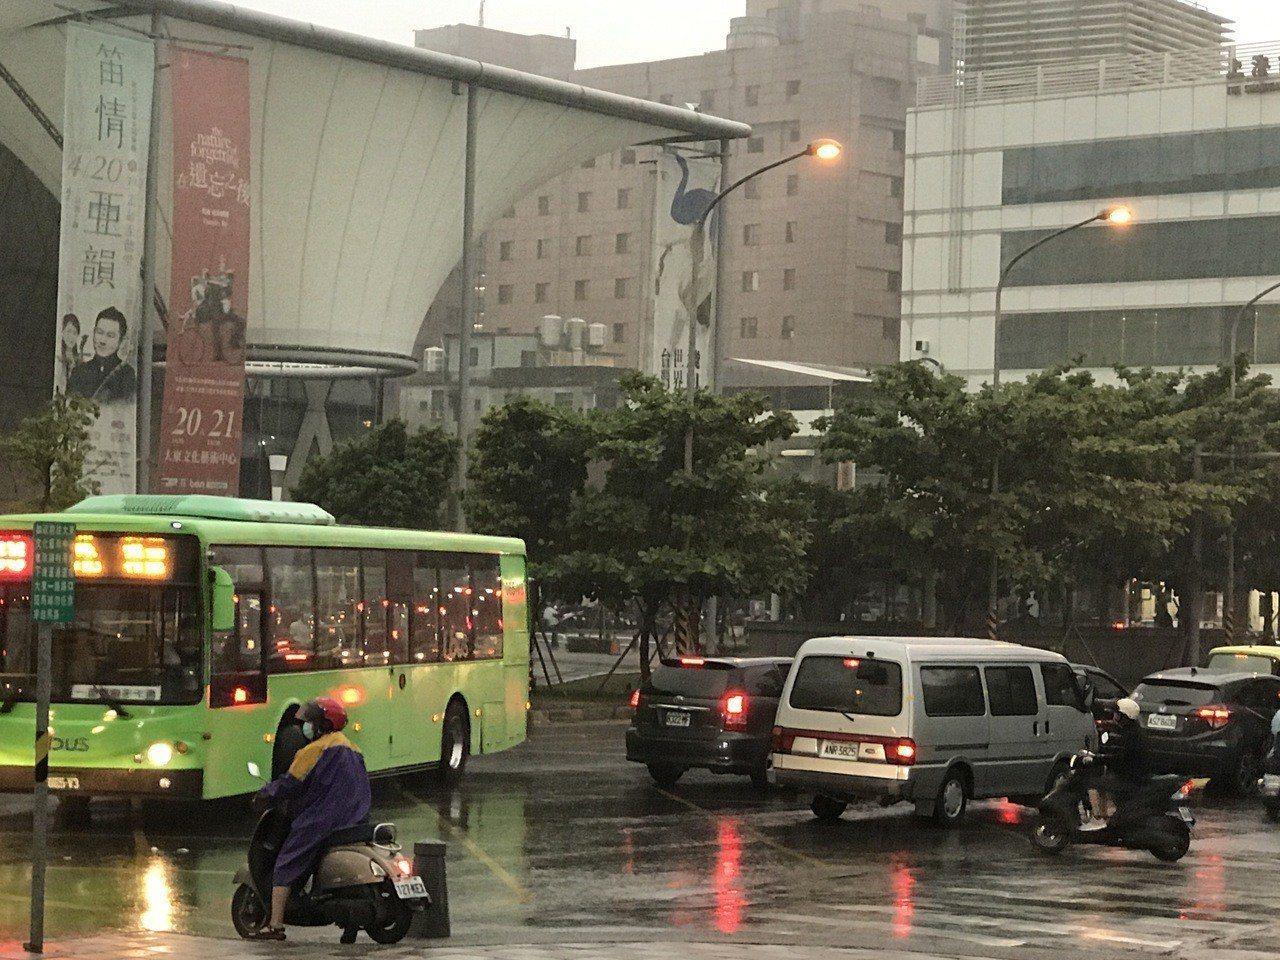 今下午3點多,高市鳳山區下起大雨,雨勢忽大忽小,路燈也亮起。記者劉星君/攝影